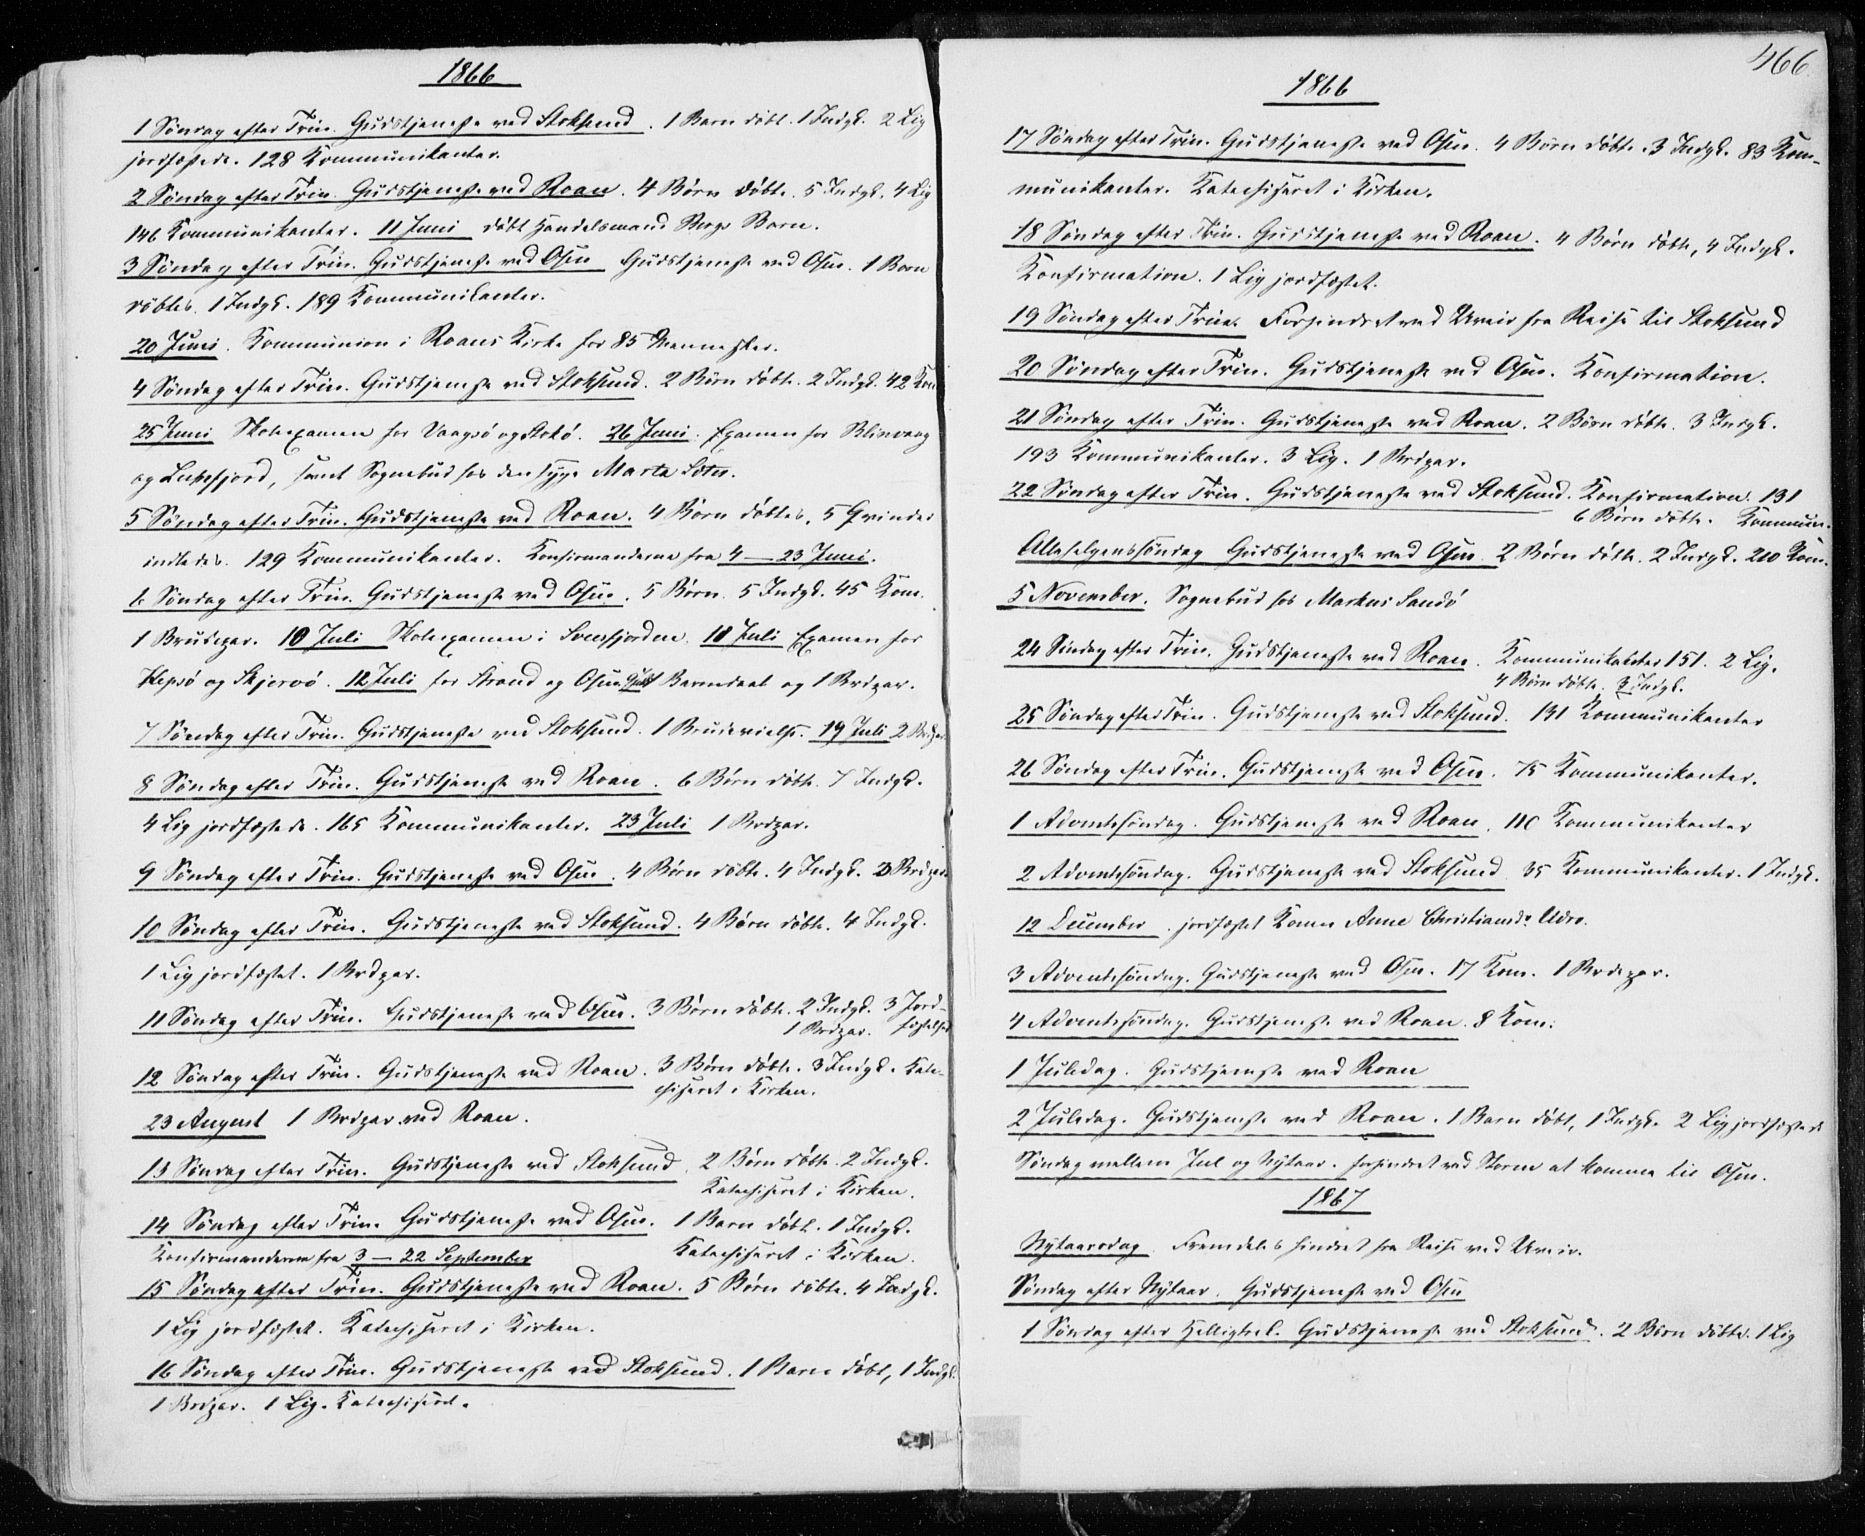 SAT, Ministerialprotokoller, klokkerbøker og fødselsregistre - Sør-Trøndelag, 657/L0705: Ministerialbok nr. 657A06, 1858-1867, s. 466